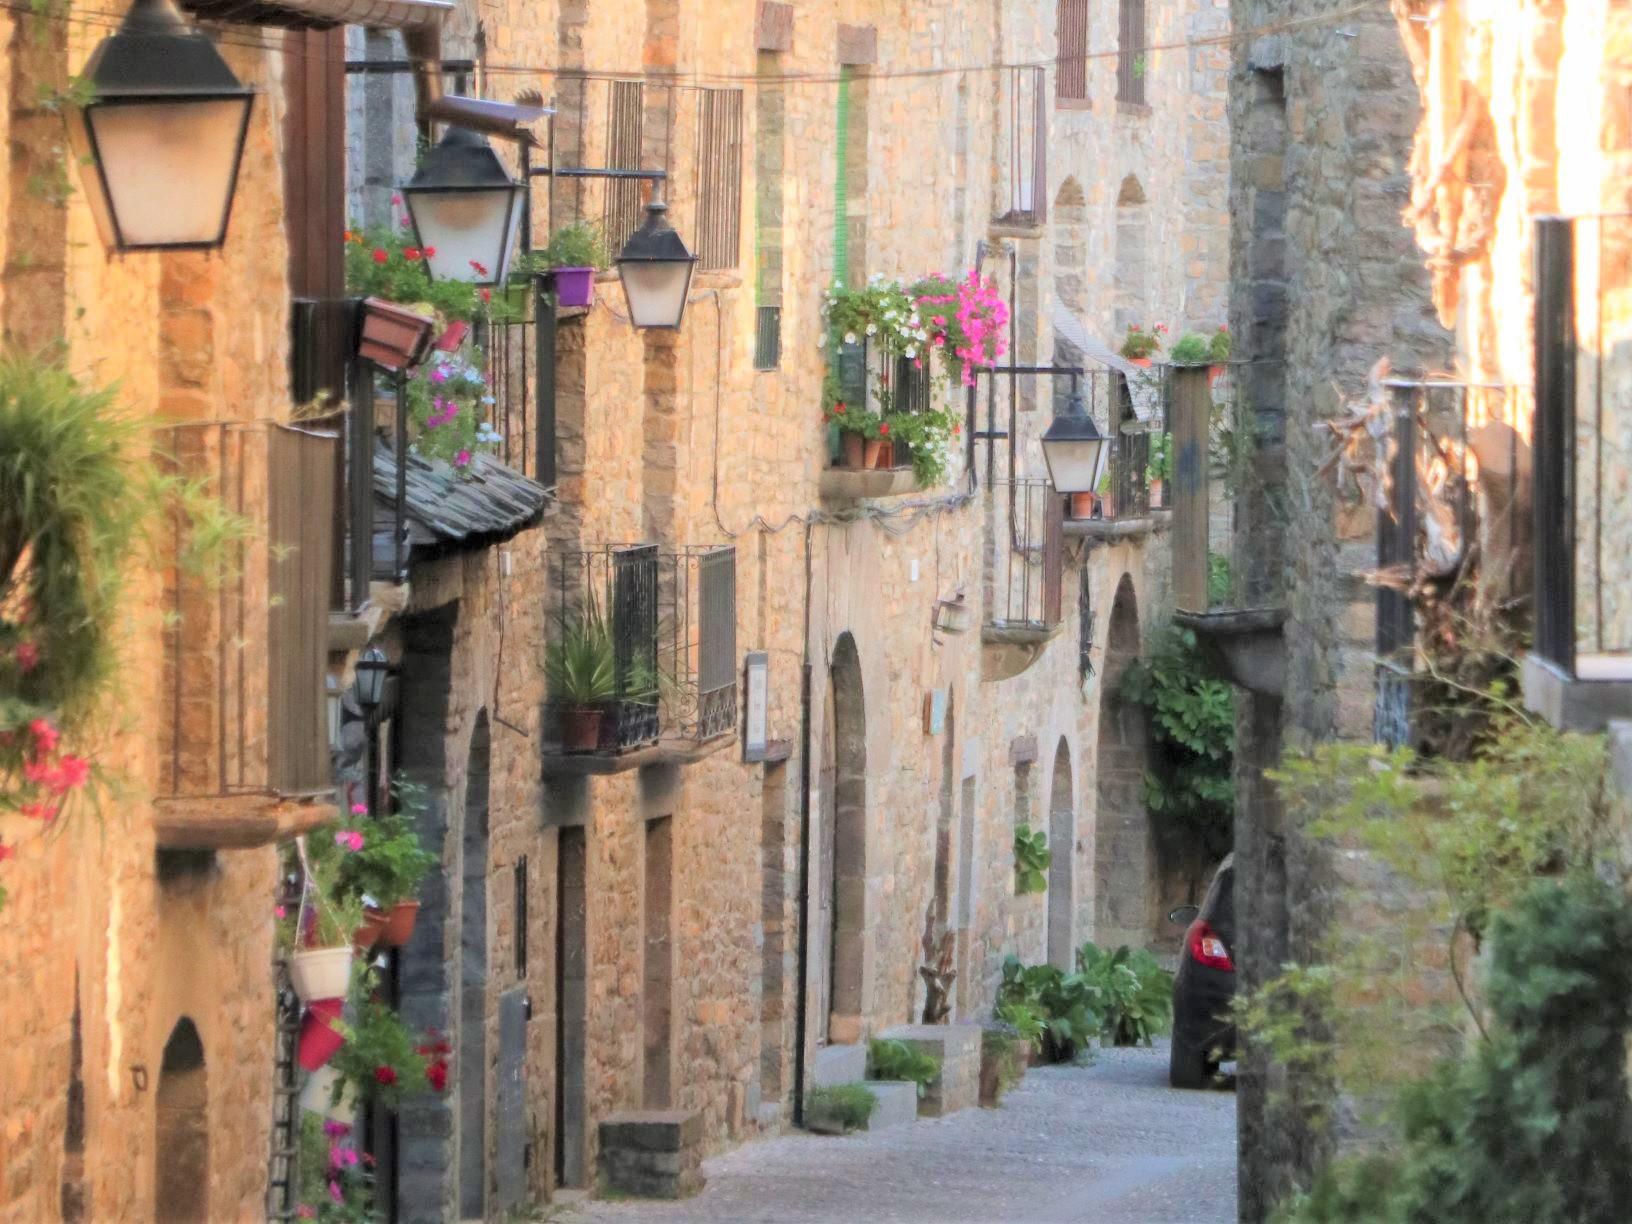 アインサの可愛らしい石造りの街並み